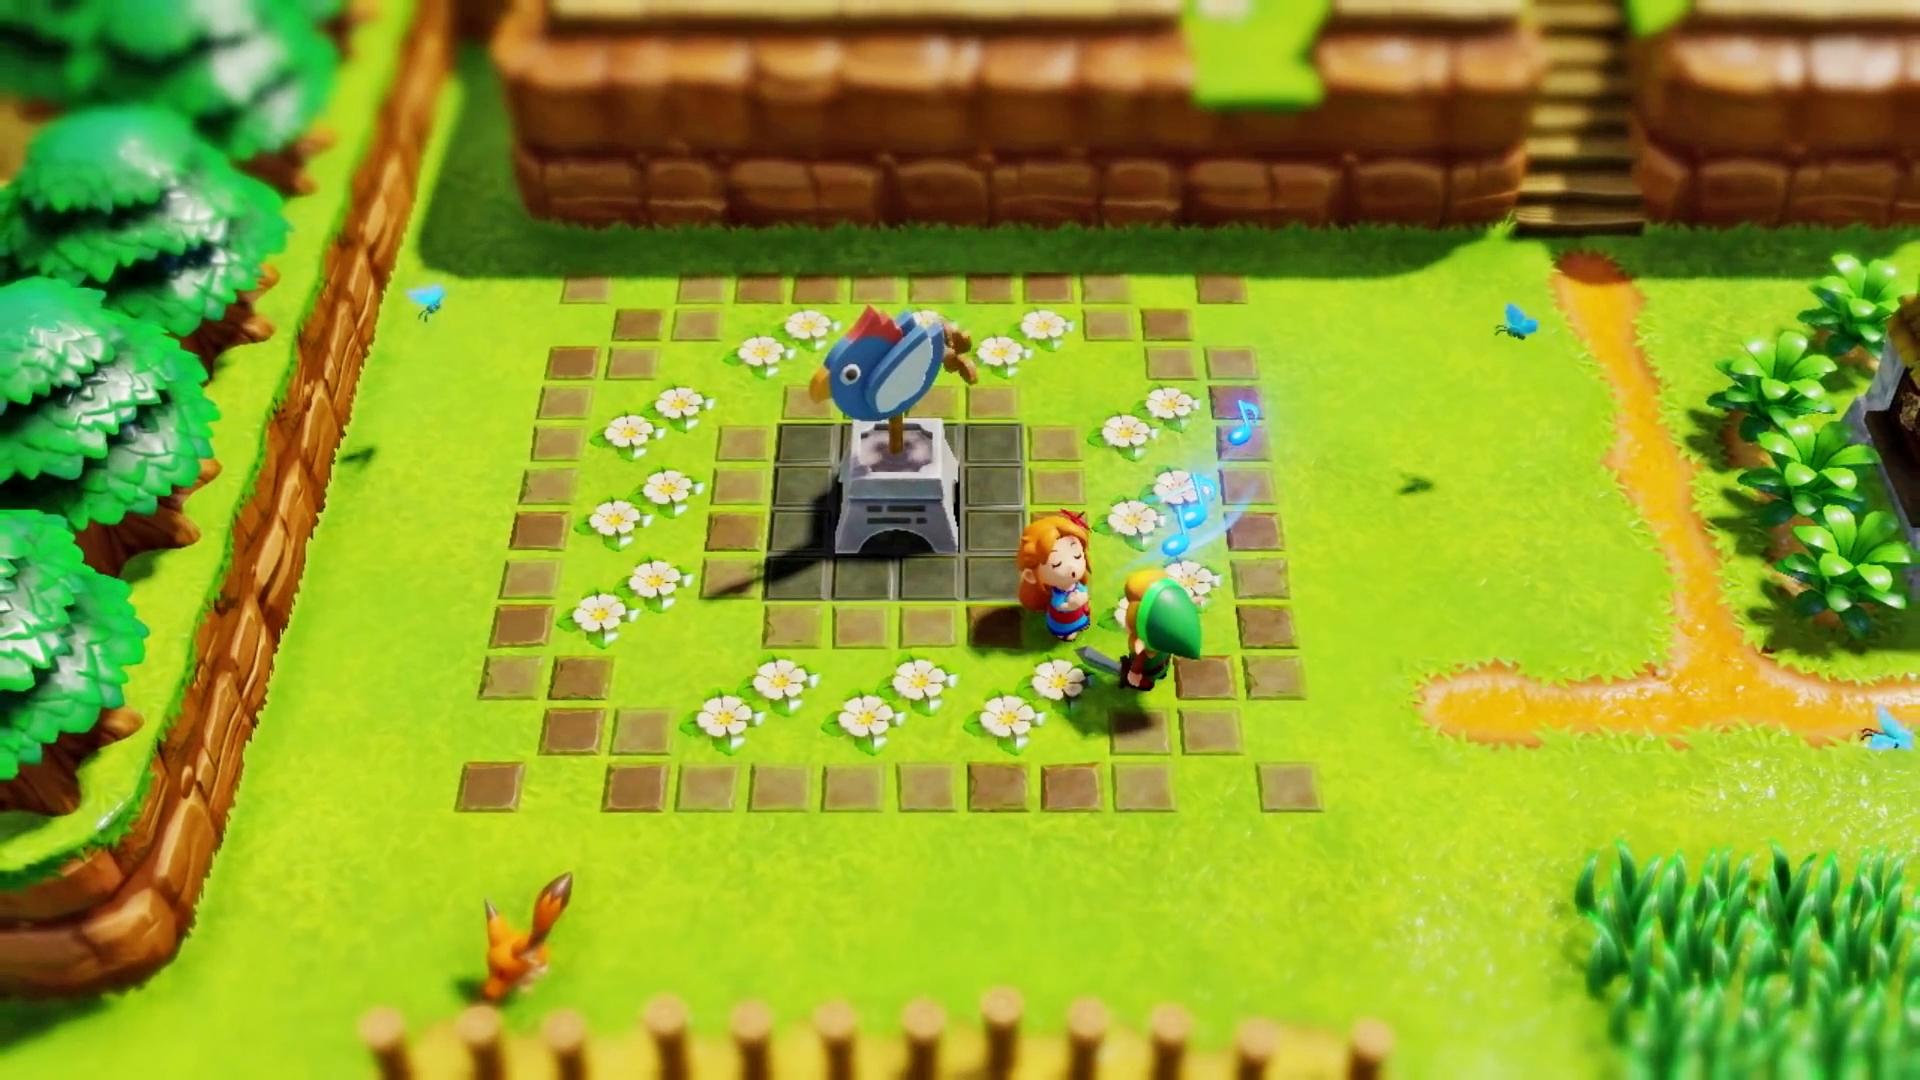 Vorschau Zu Zelda Links Awakening Geniale Rückkehr Nach Cocolint